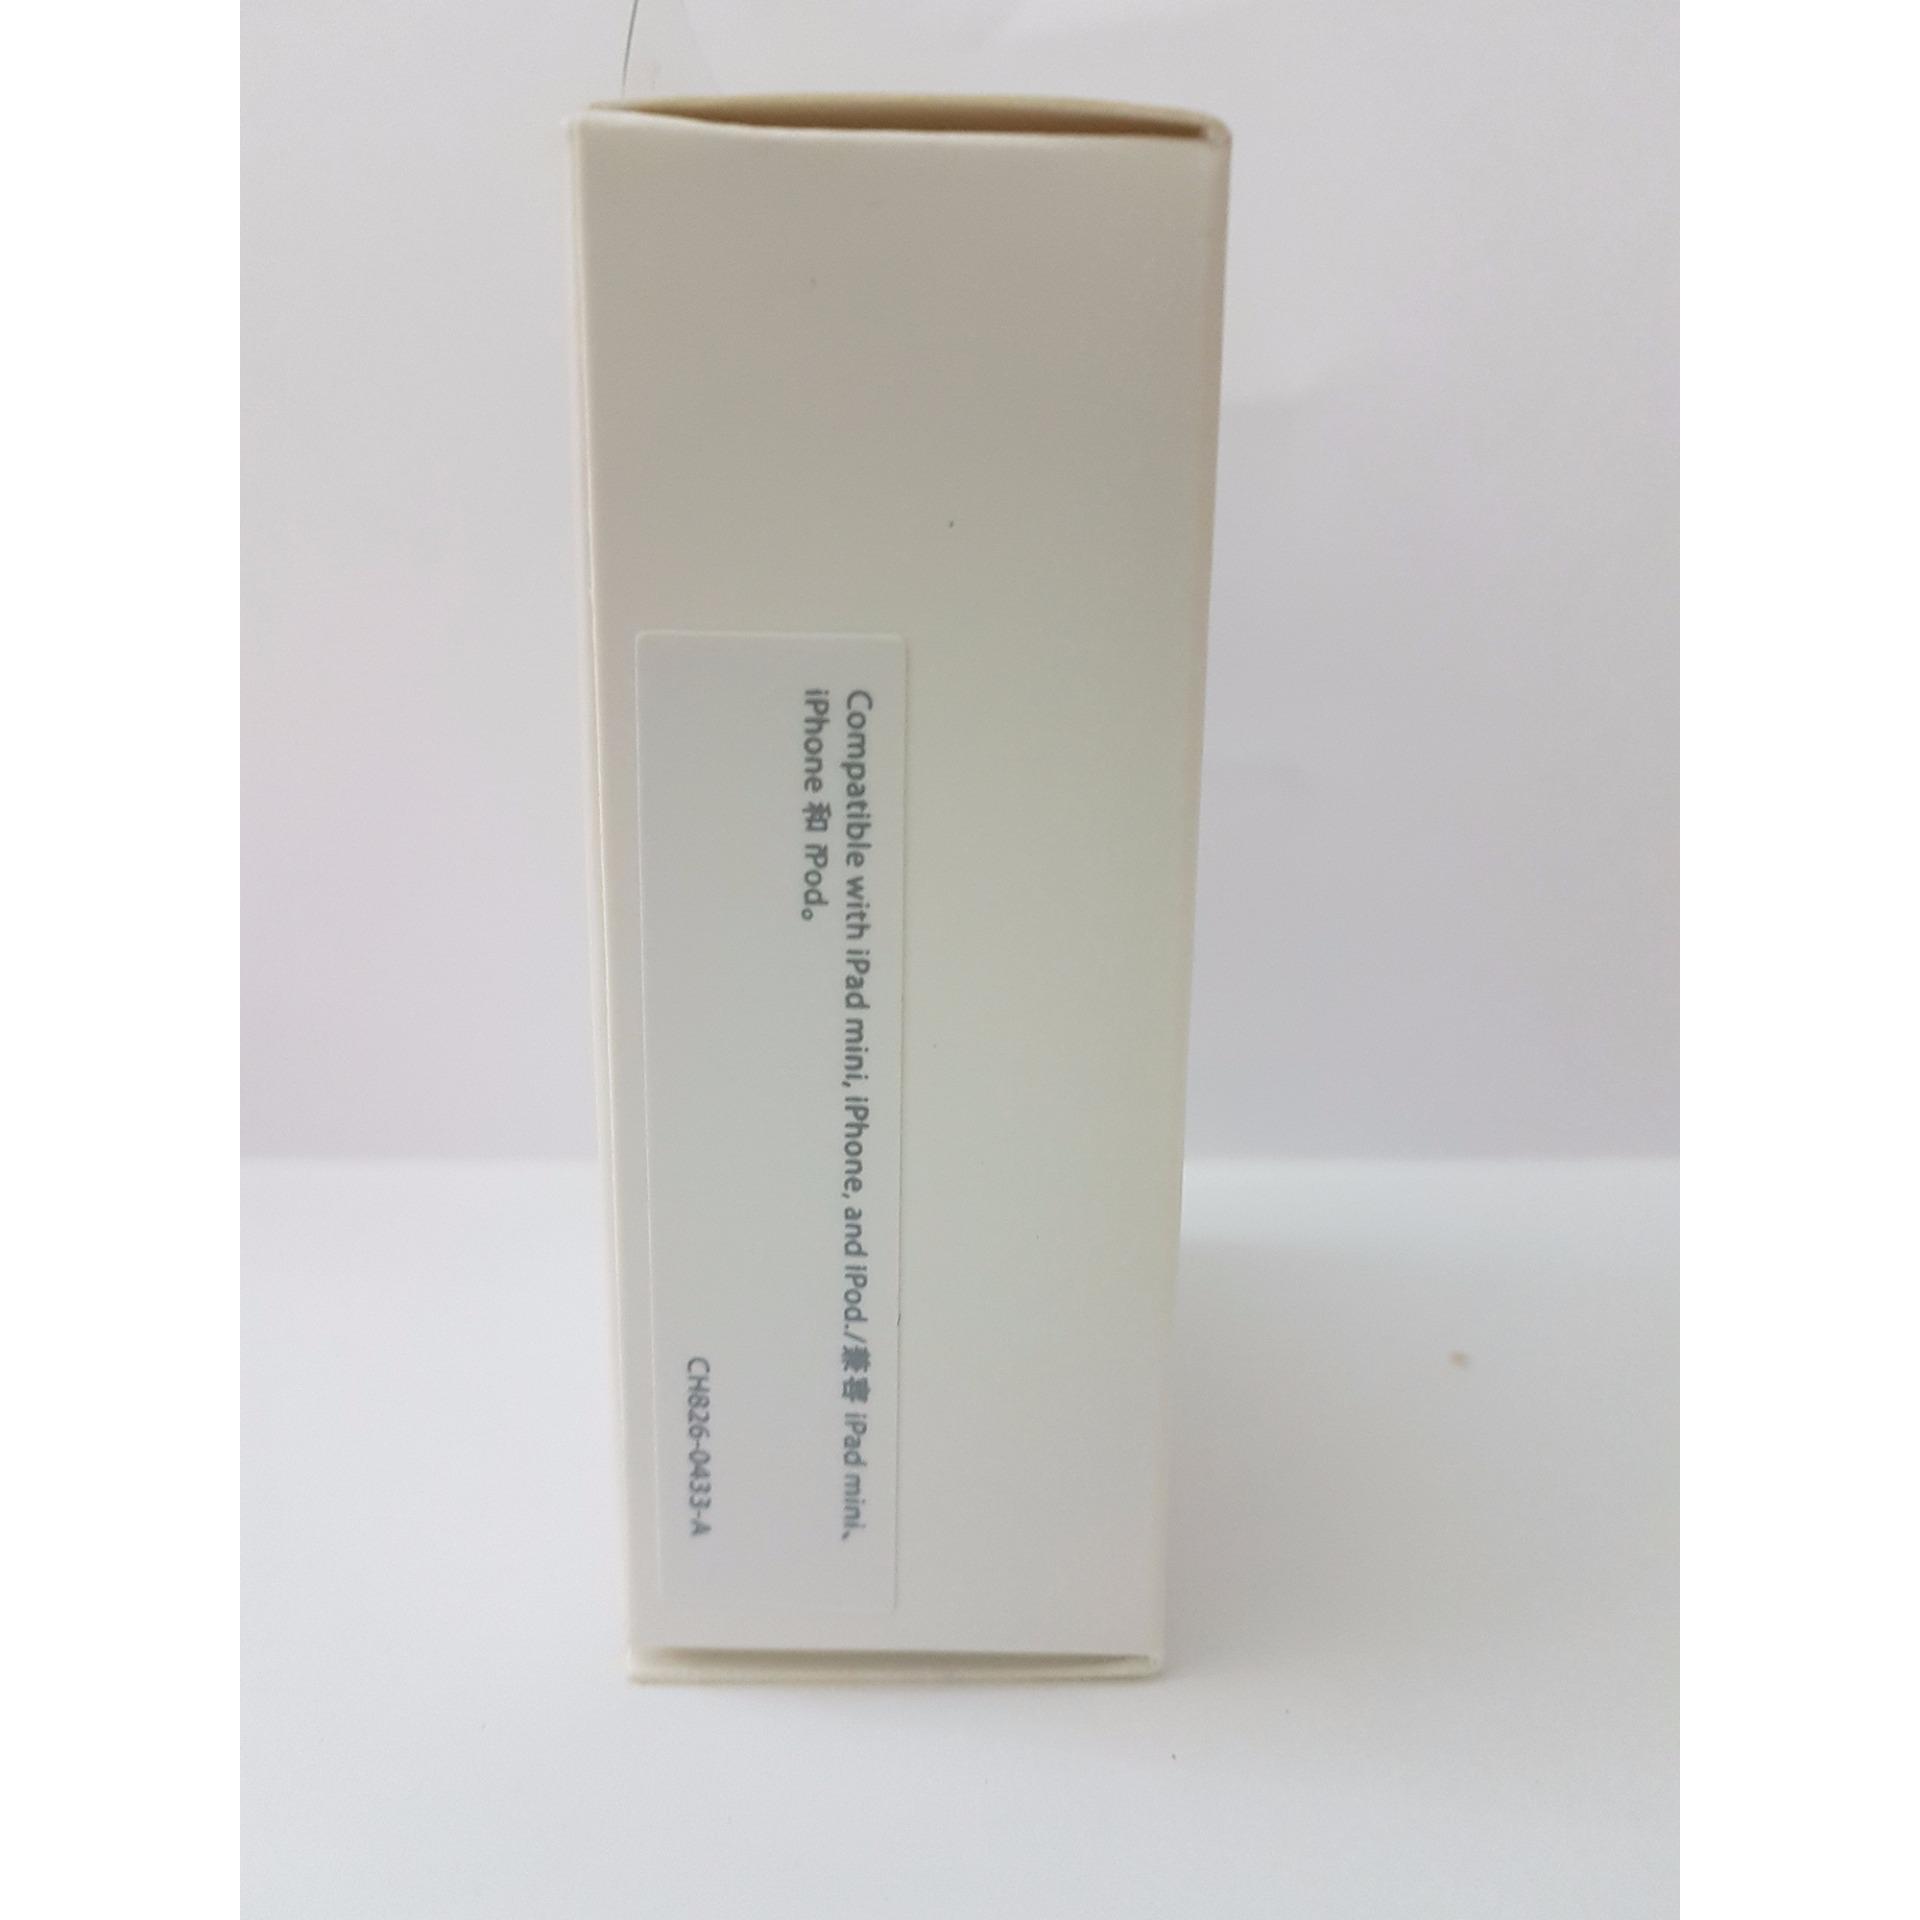 Củ sạc iphone 7/ 7 Plus Zin- Hàng nhập khẩu